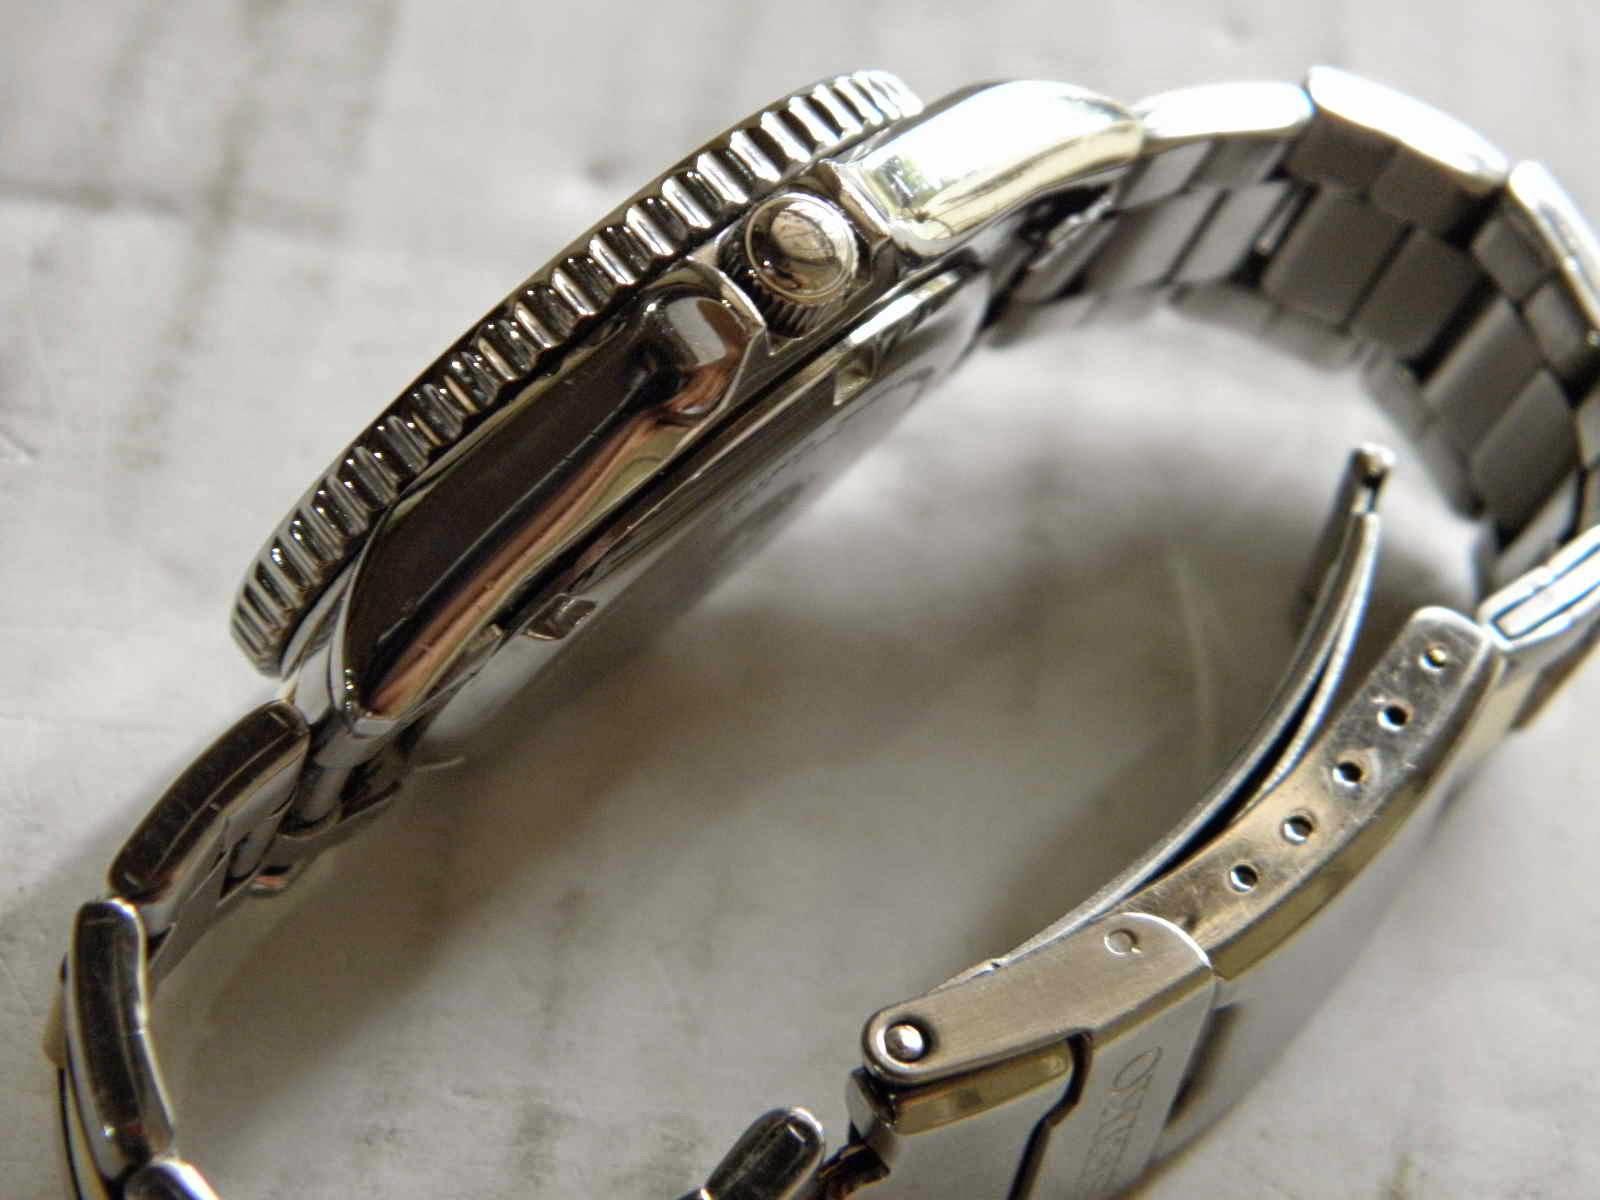 Kiosku Sold Seiko Diver Skx 027 Charles Jourdan 1016 1312c Hitam Ring Silver Plat Putih Dial Kombinasi Gold Pada Index Jendela Tanggal Dan Hands Bracelet Oyster Masih Nyaman Utk Lingkar Lengan